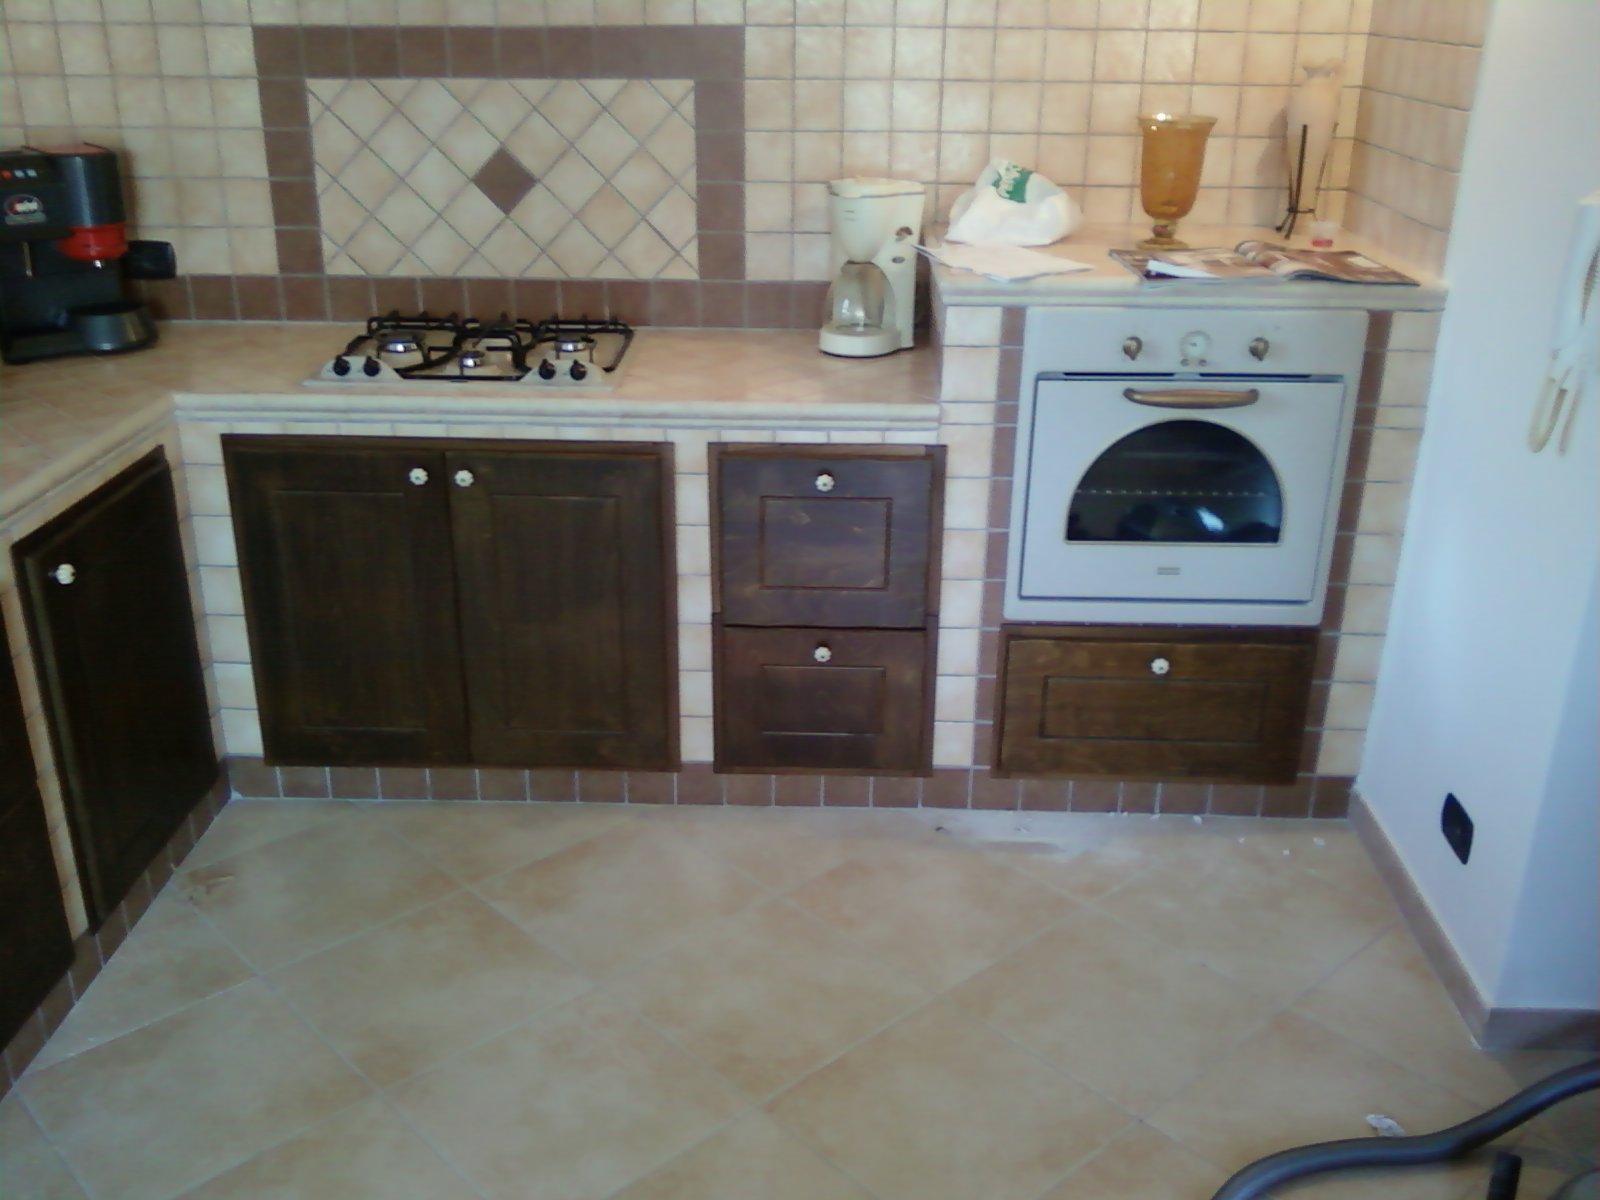 FAI DA TE HOBBY LEGNO: Cucina In Muratura #4B6D80 1600 1200 Armadietti Cucina Fai Da Te